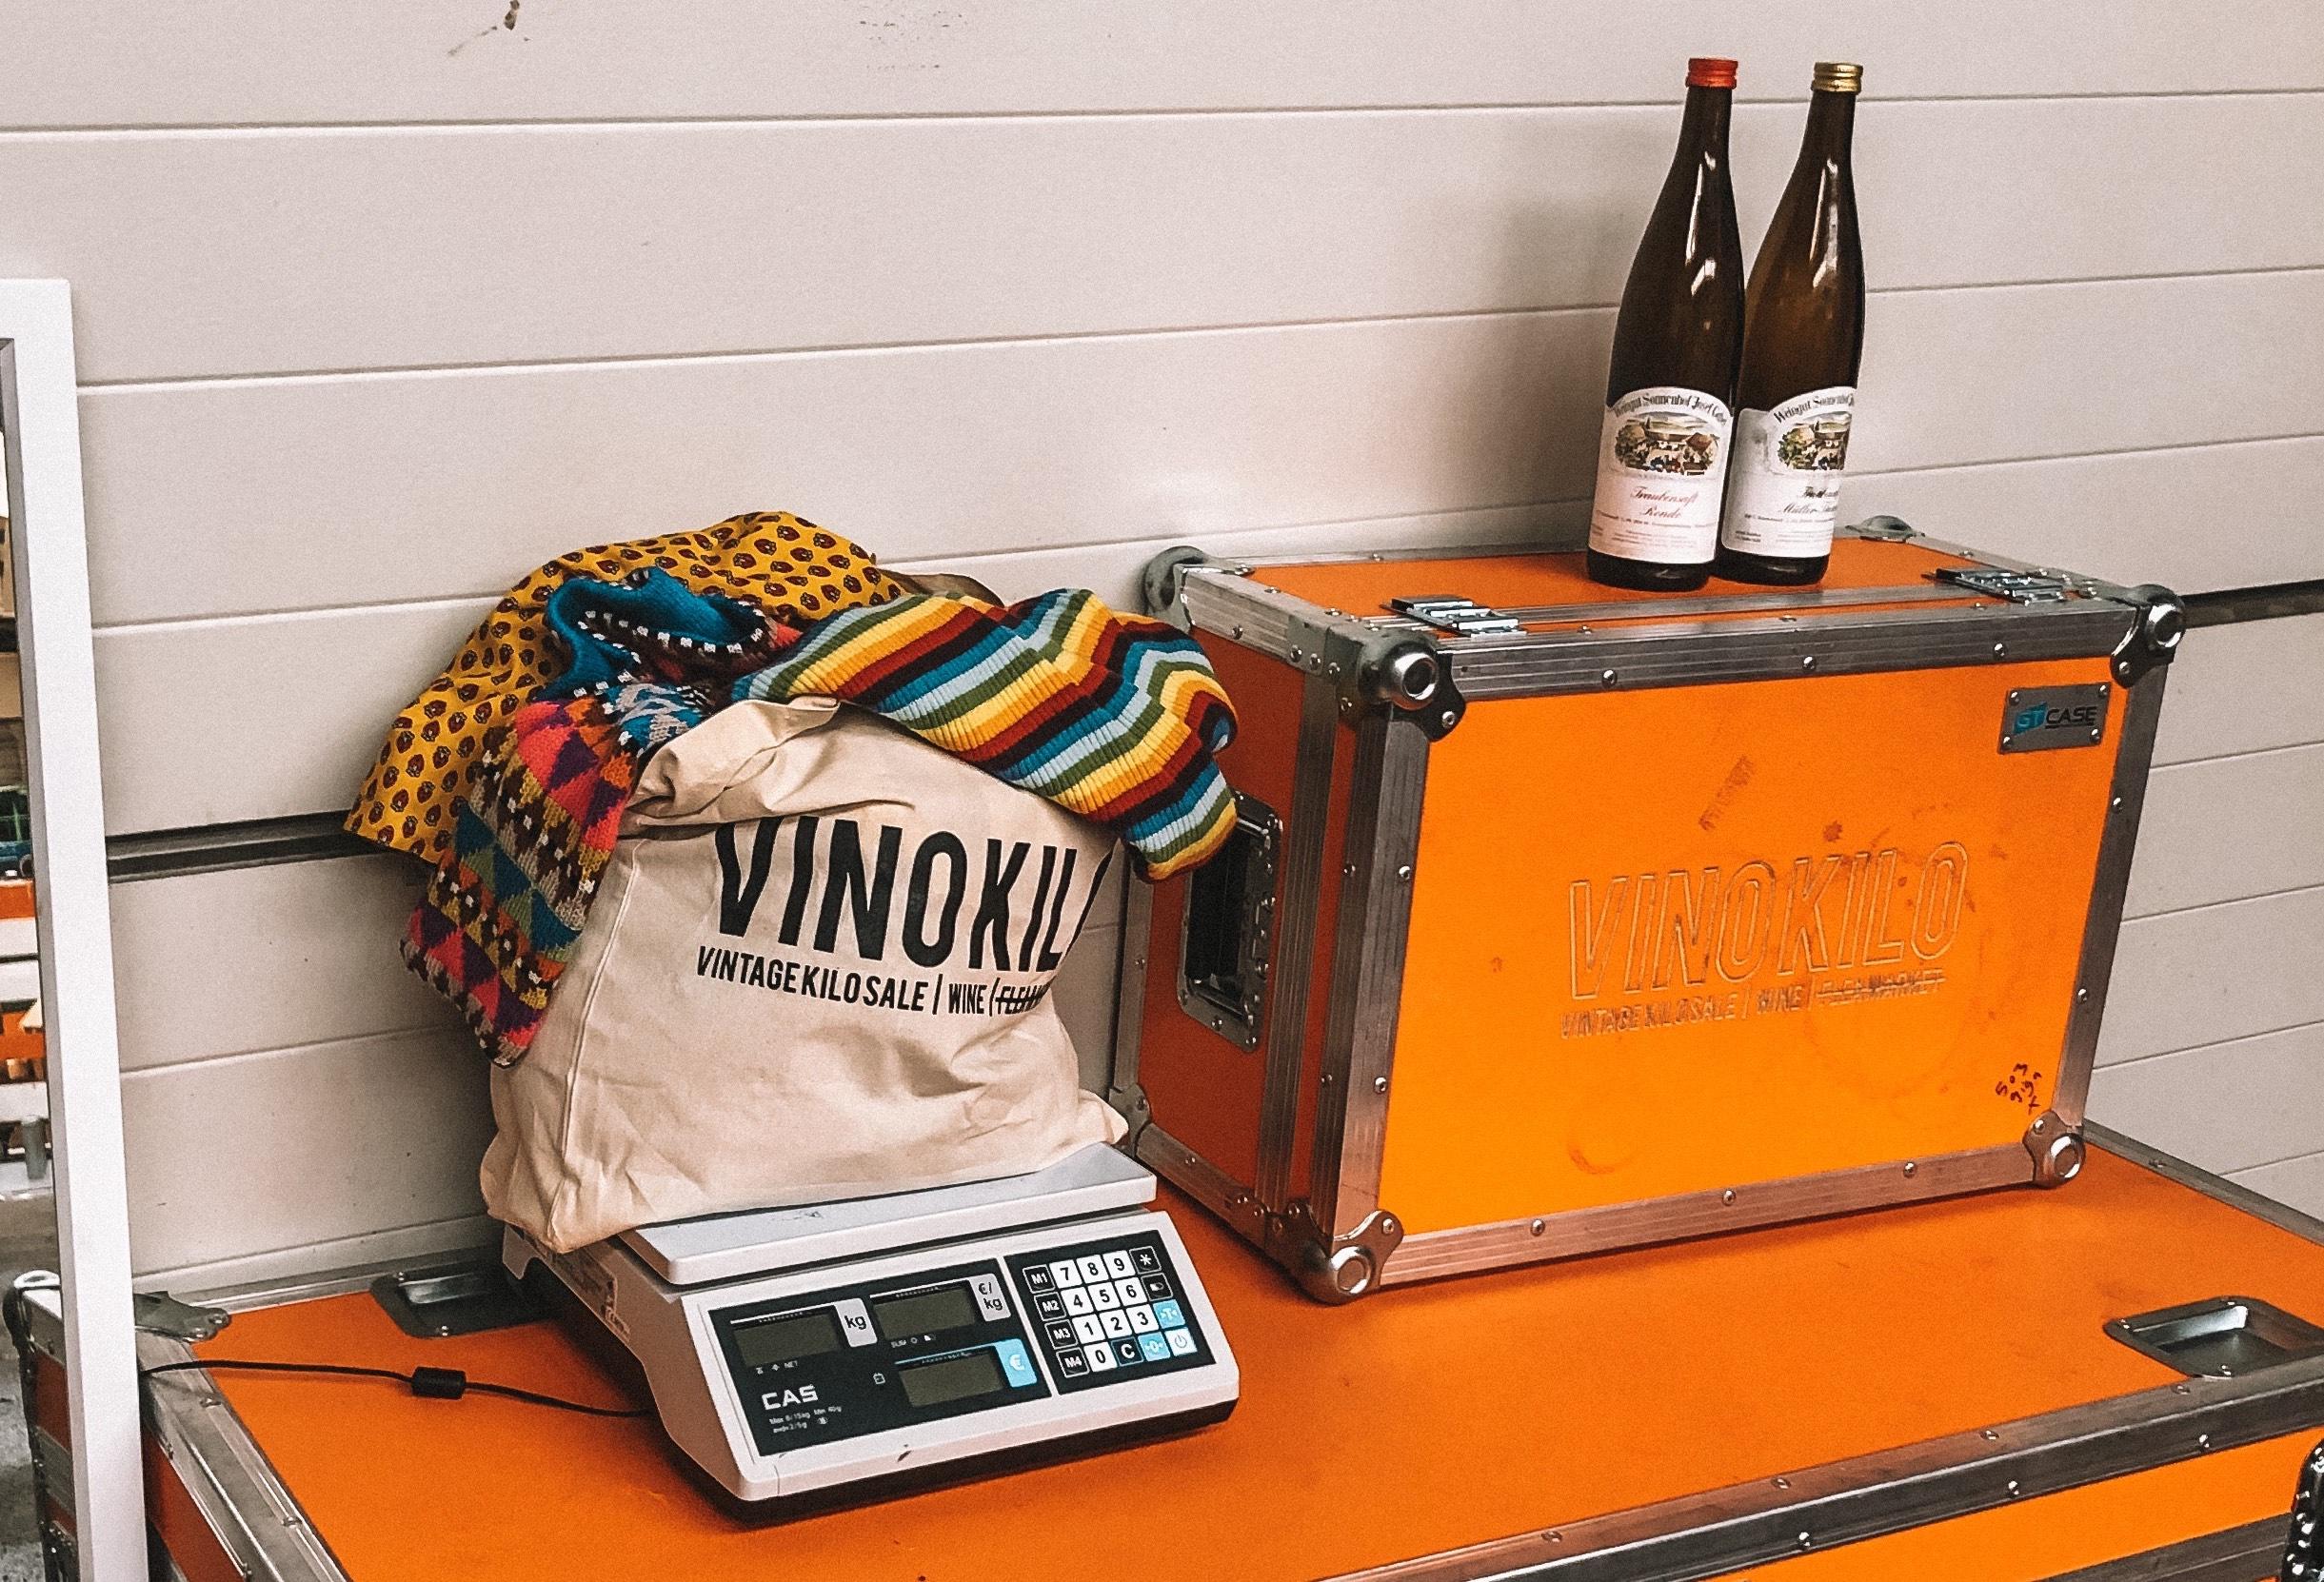 Online_vintage_kilo_sale_vinokilo